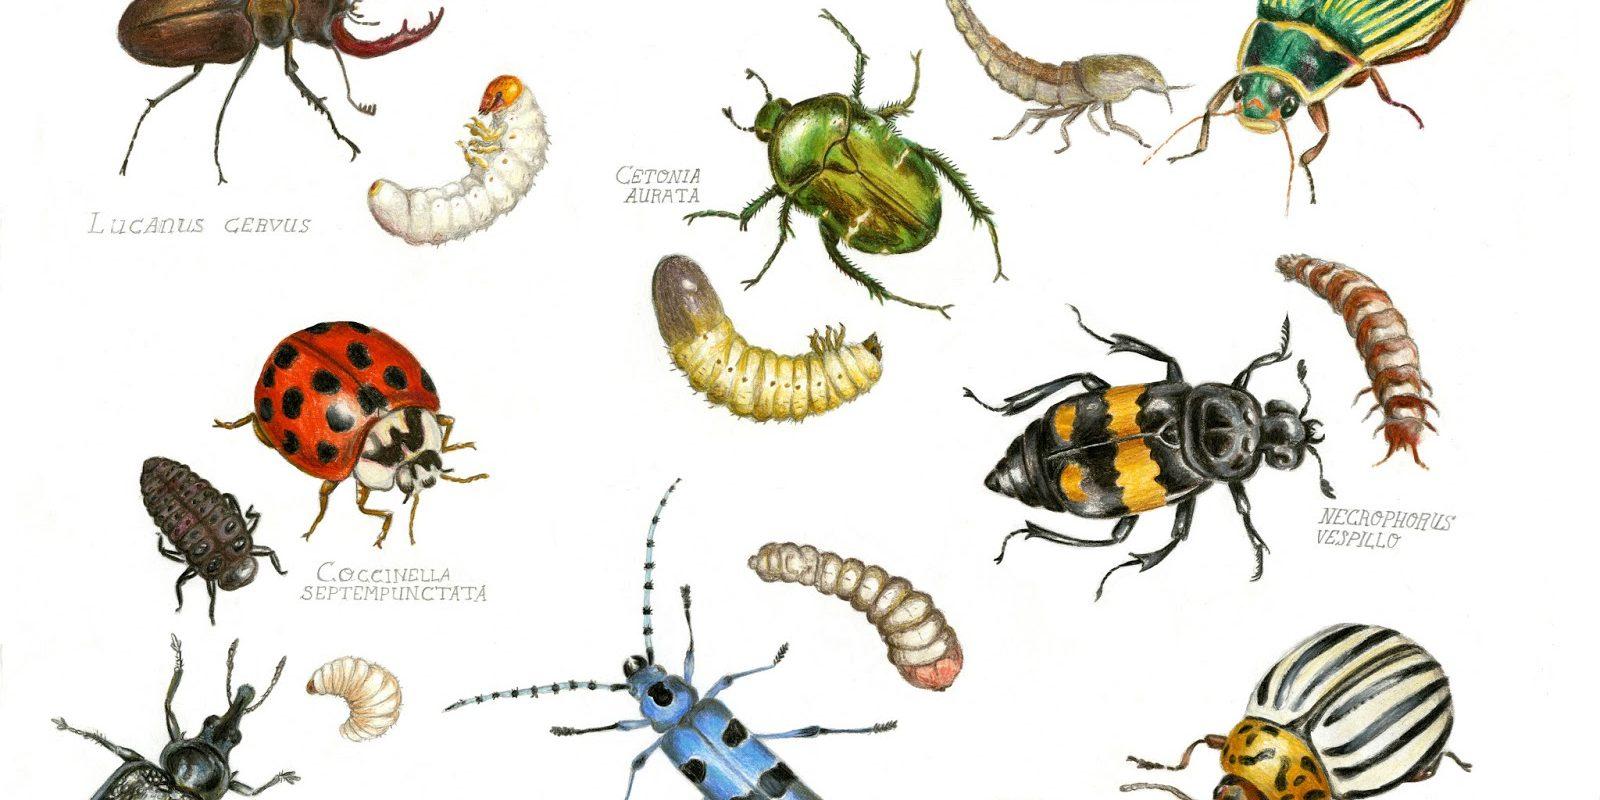 Fini Le Gaspillage Grâce Aux Insectes - Globalgoodness concernant Les Noms Des Insectes